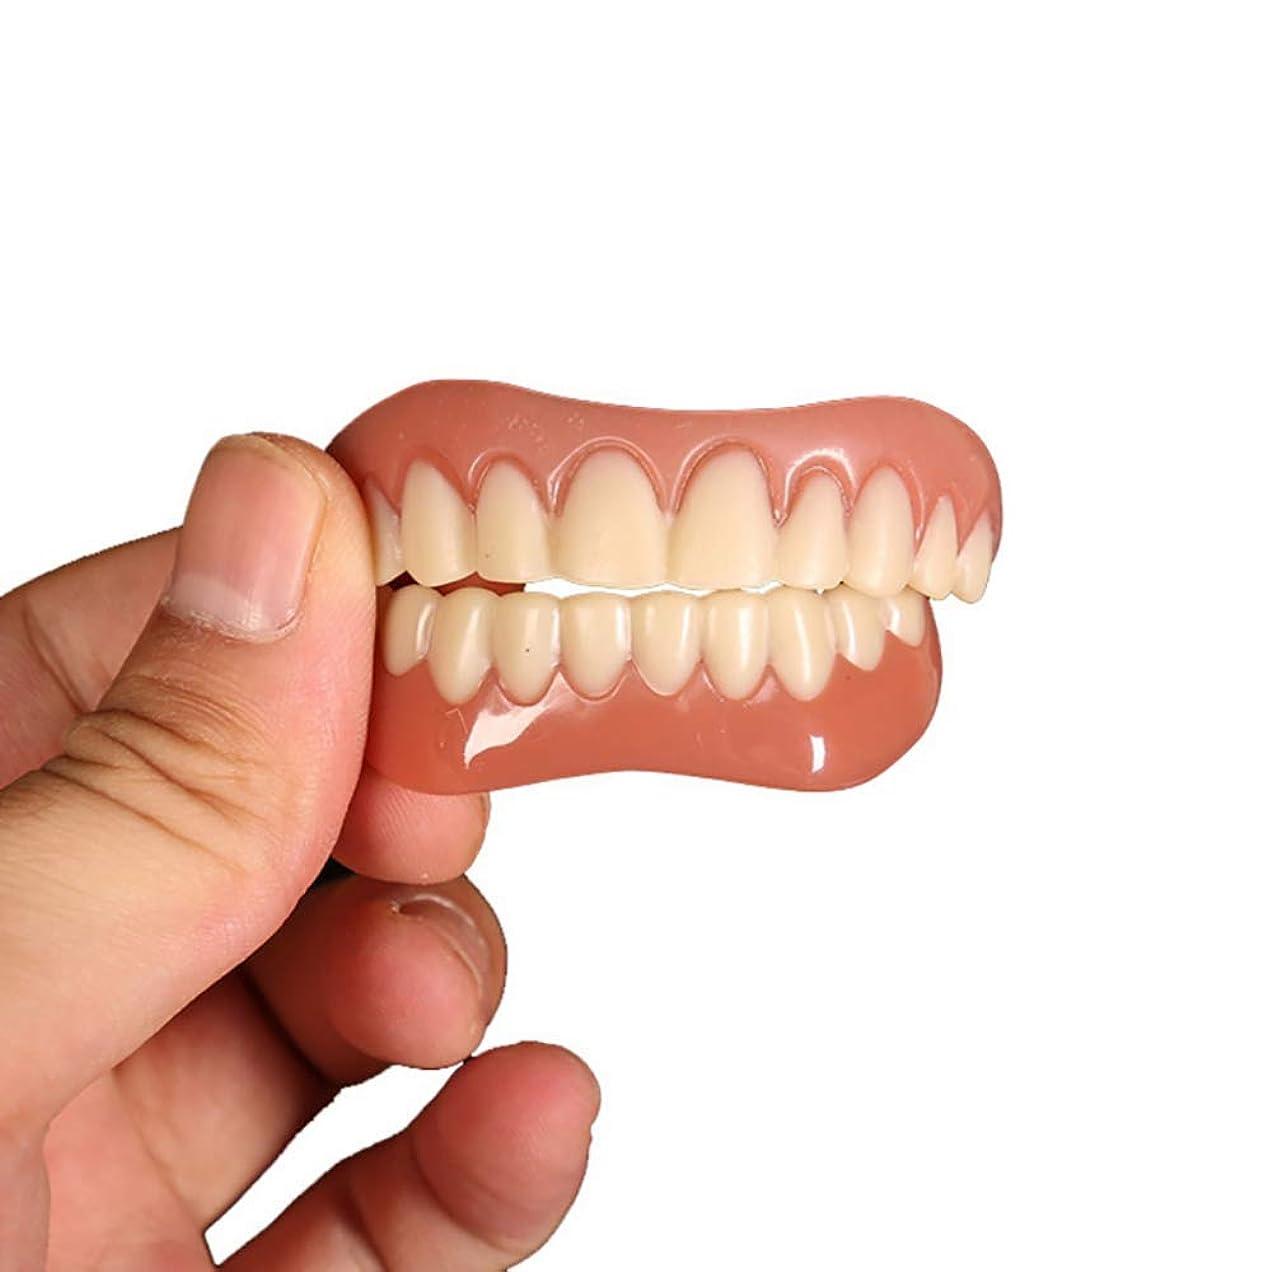 どこか深いパケット2対の歯の快適さフィットフレックス化粧品の歯義歯の歯のトップ化粧品のベニヤシミュレーションブレース(下+上)